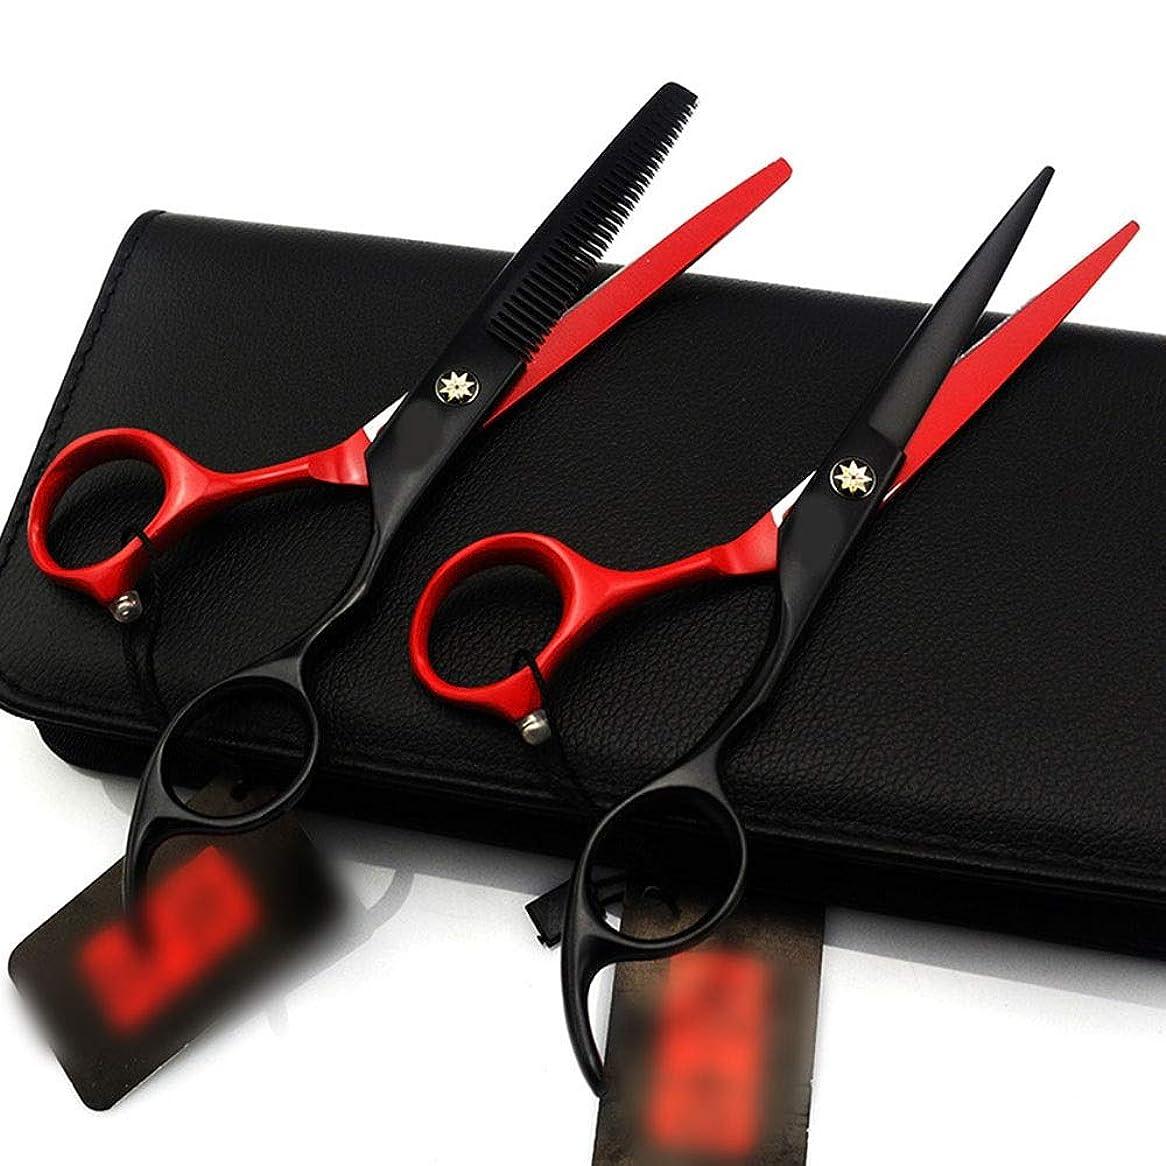 可塑性集団的想起Hairdressing 黒赤人格理髪はさみ、6インチプロフェッショナル理髪セットフラット+歯はさみ髪カット鋏ステンレス理髪はさみ (色 : Black red)